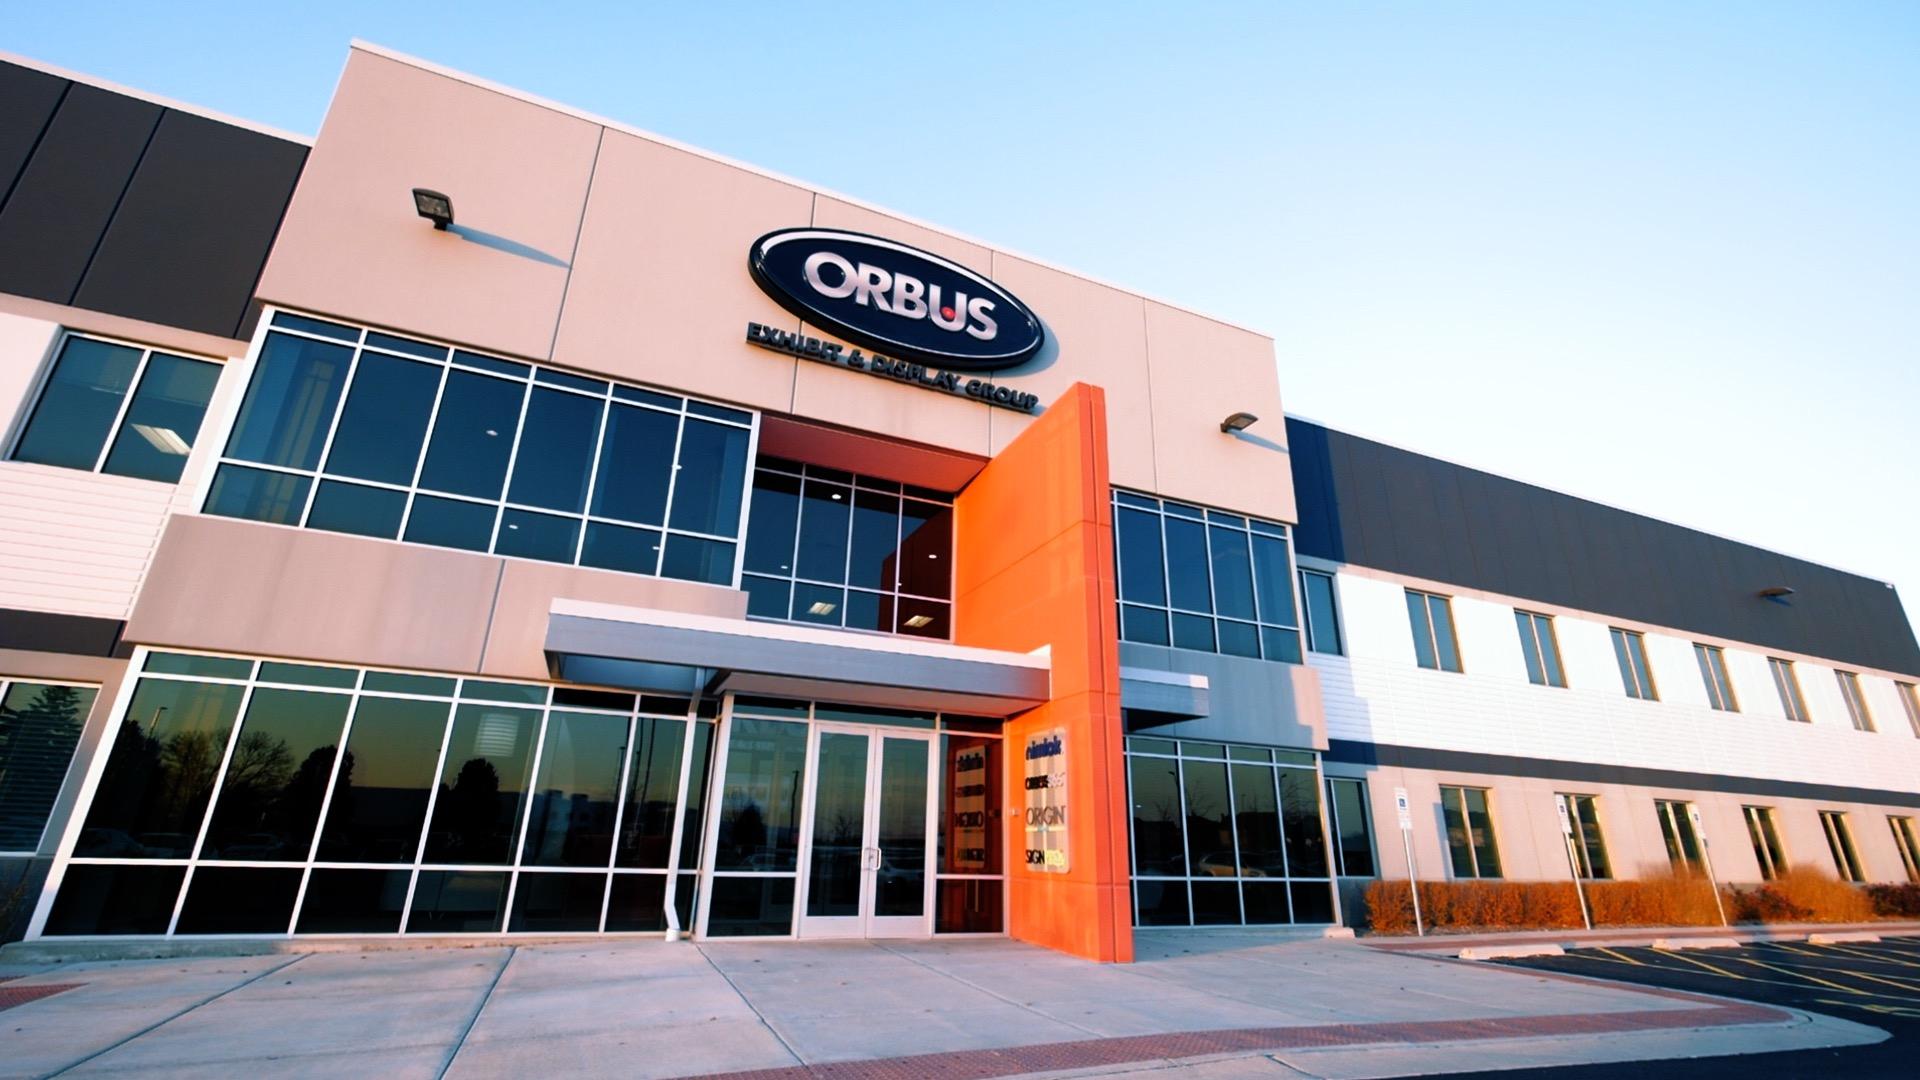 Orbus Corporate